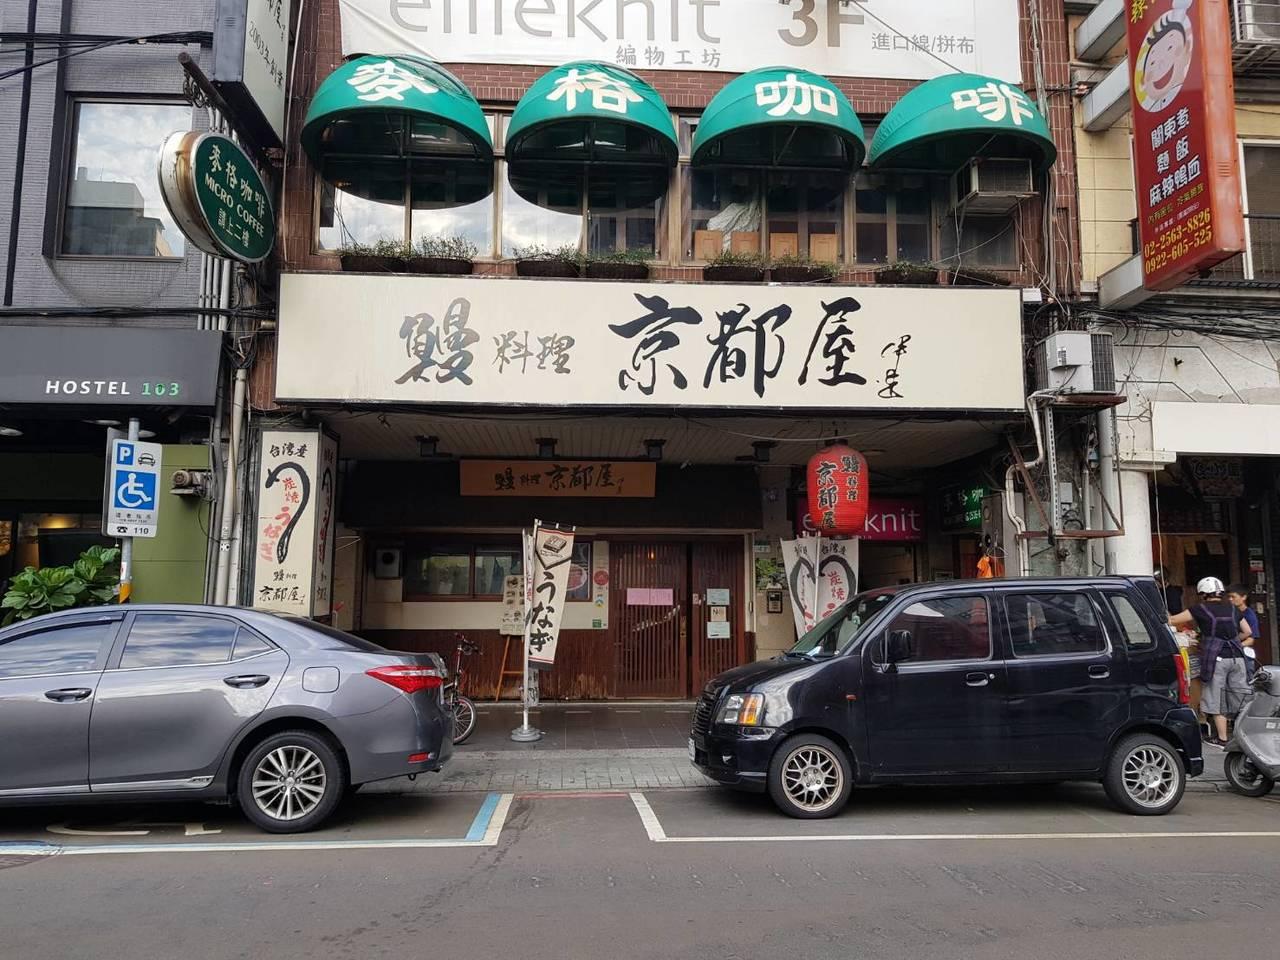 因租約到期,京都屋將於10月20日結束營業。記者陳睿中/攝影